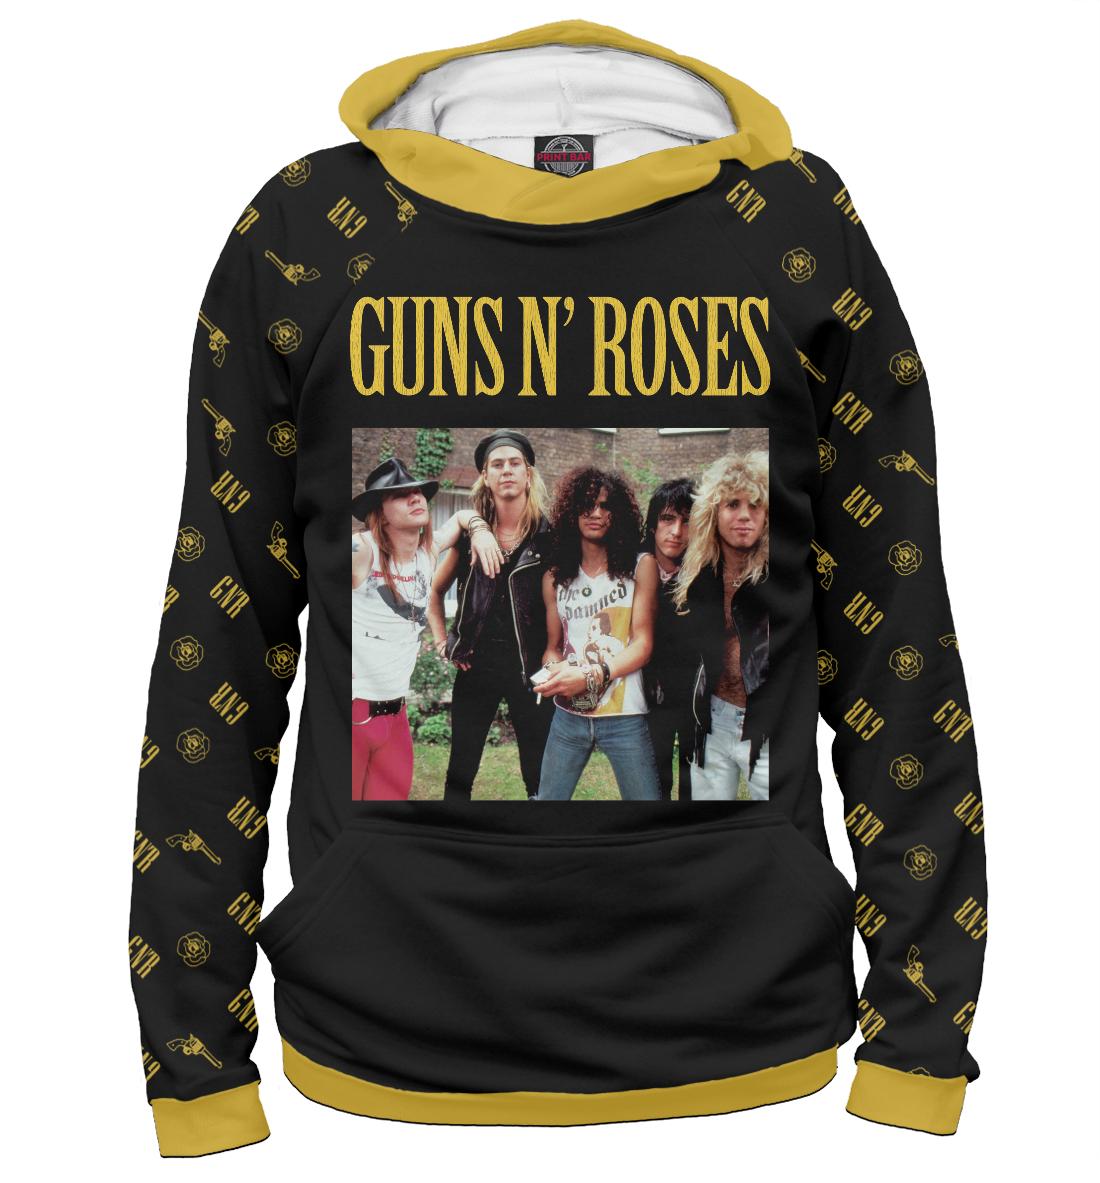 Купить Guns N'Roses, Printbar, Худи, GNR-863975-hud-2